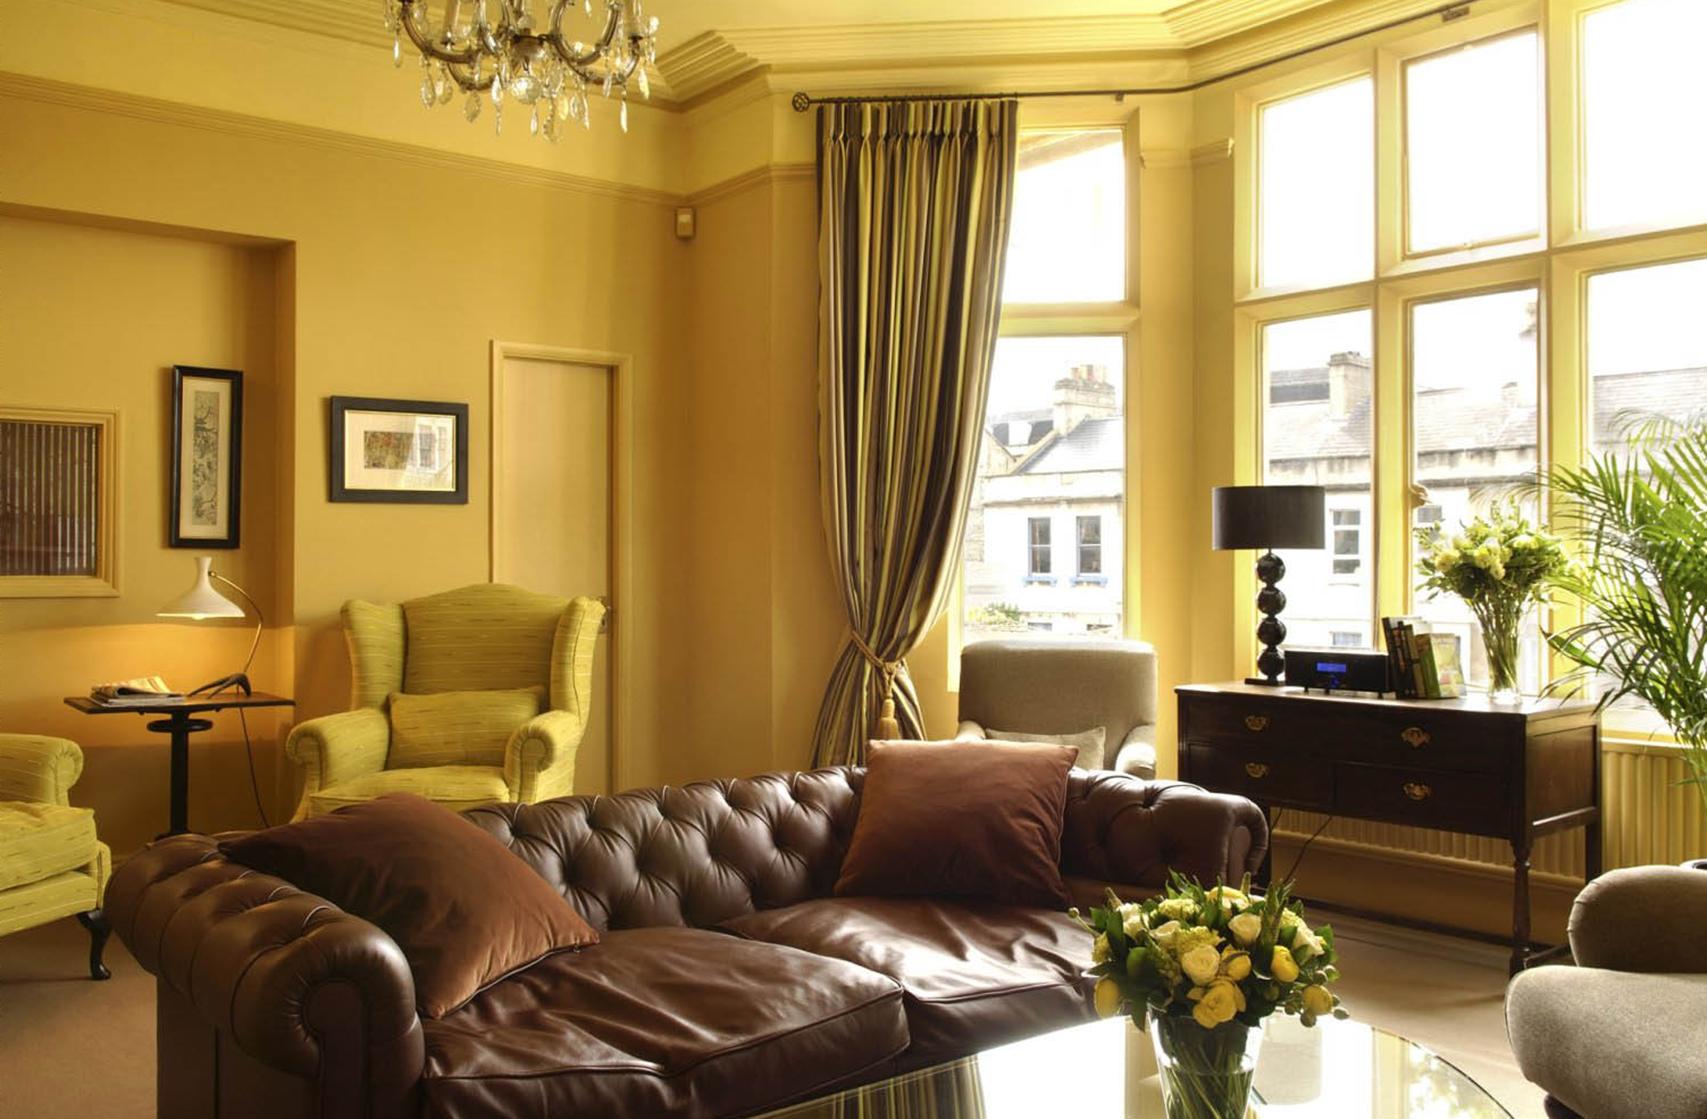 Приглушенный желтый и коричневый цвета в гостиной